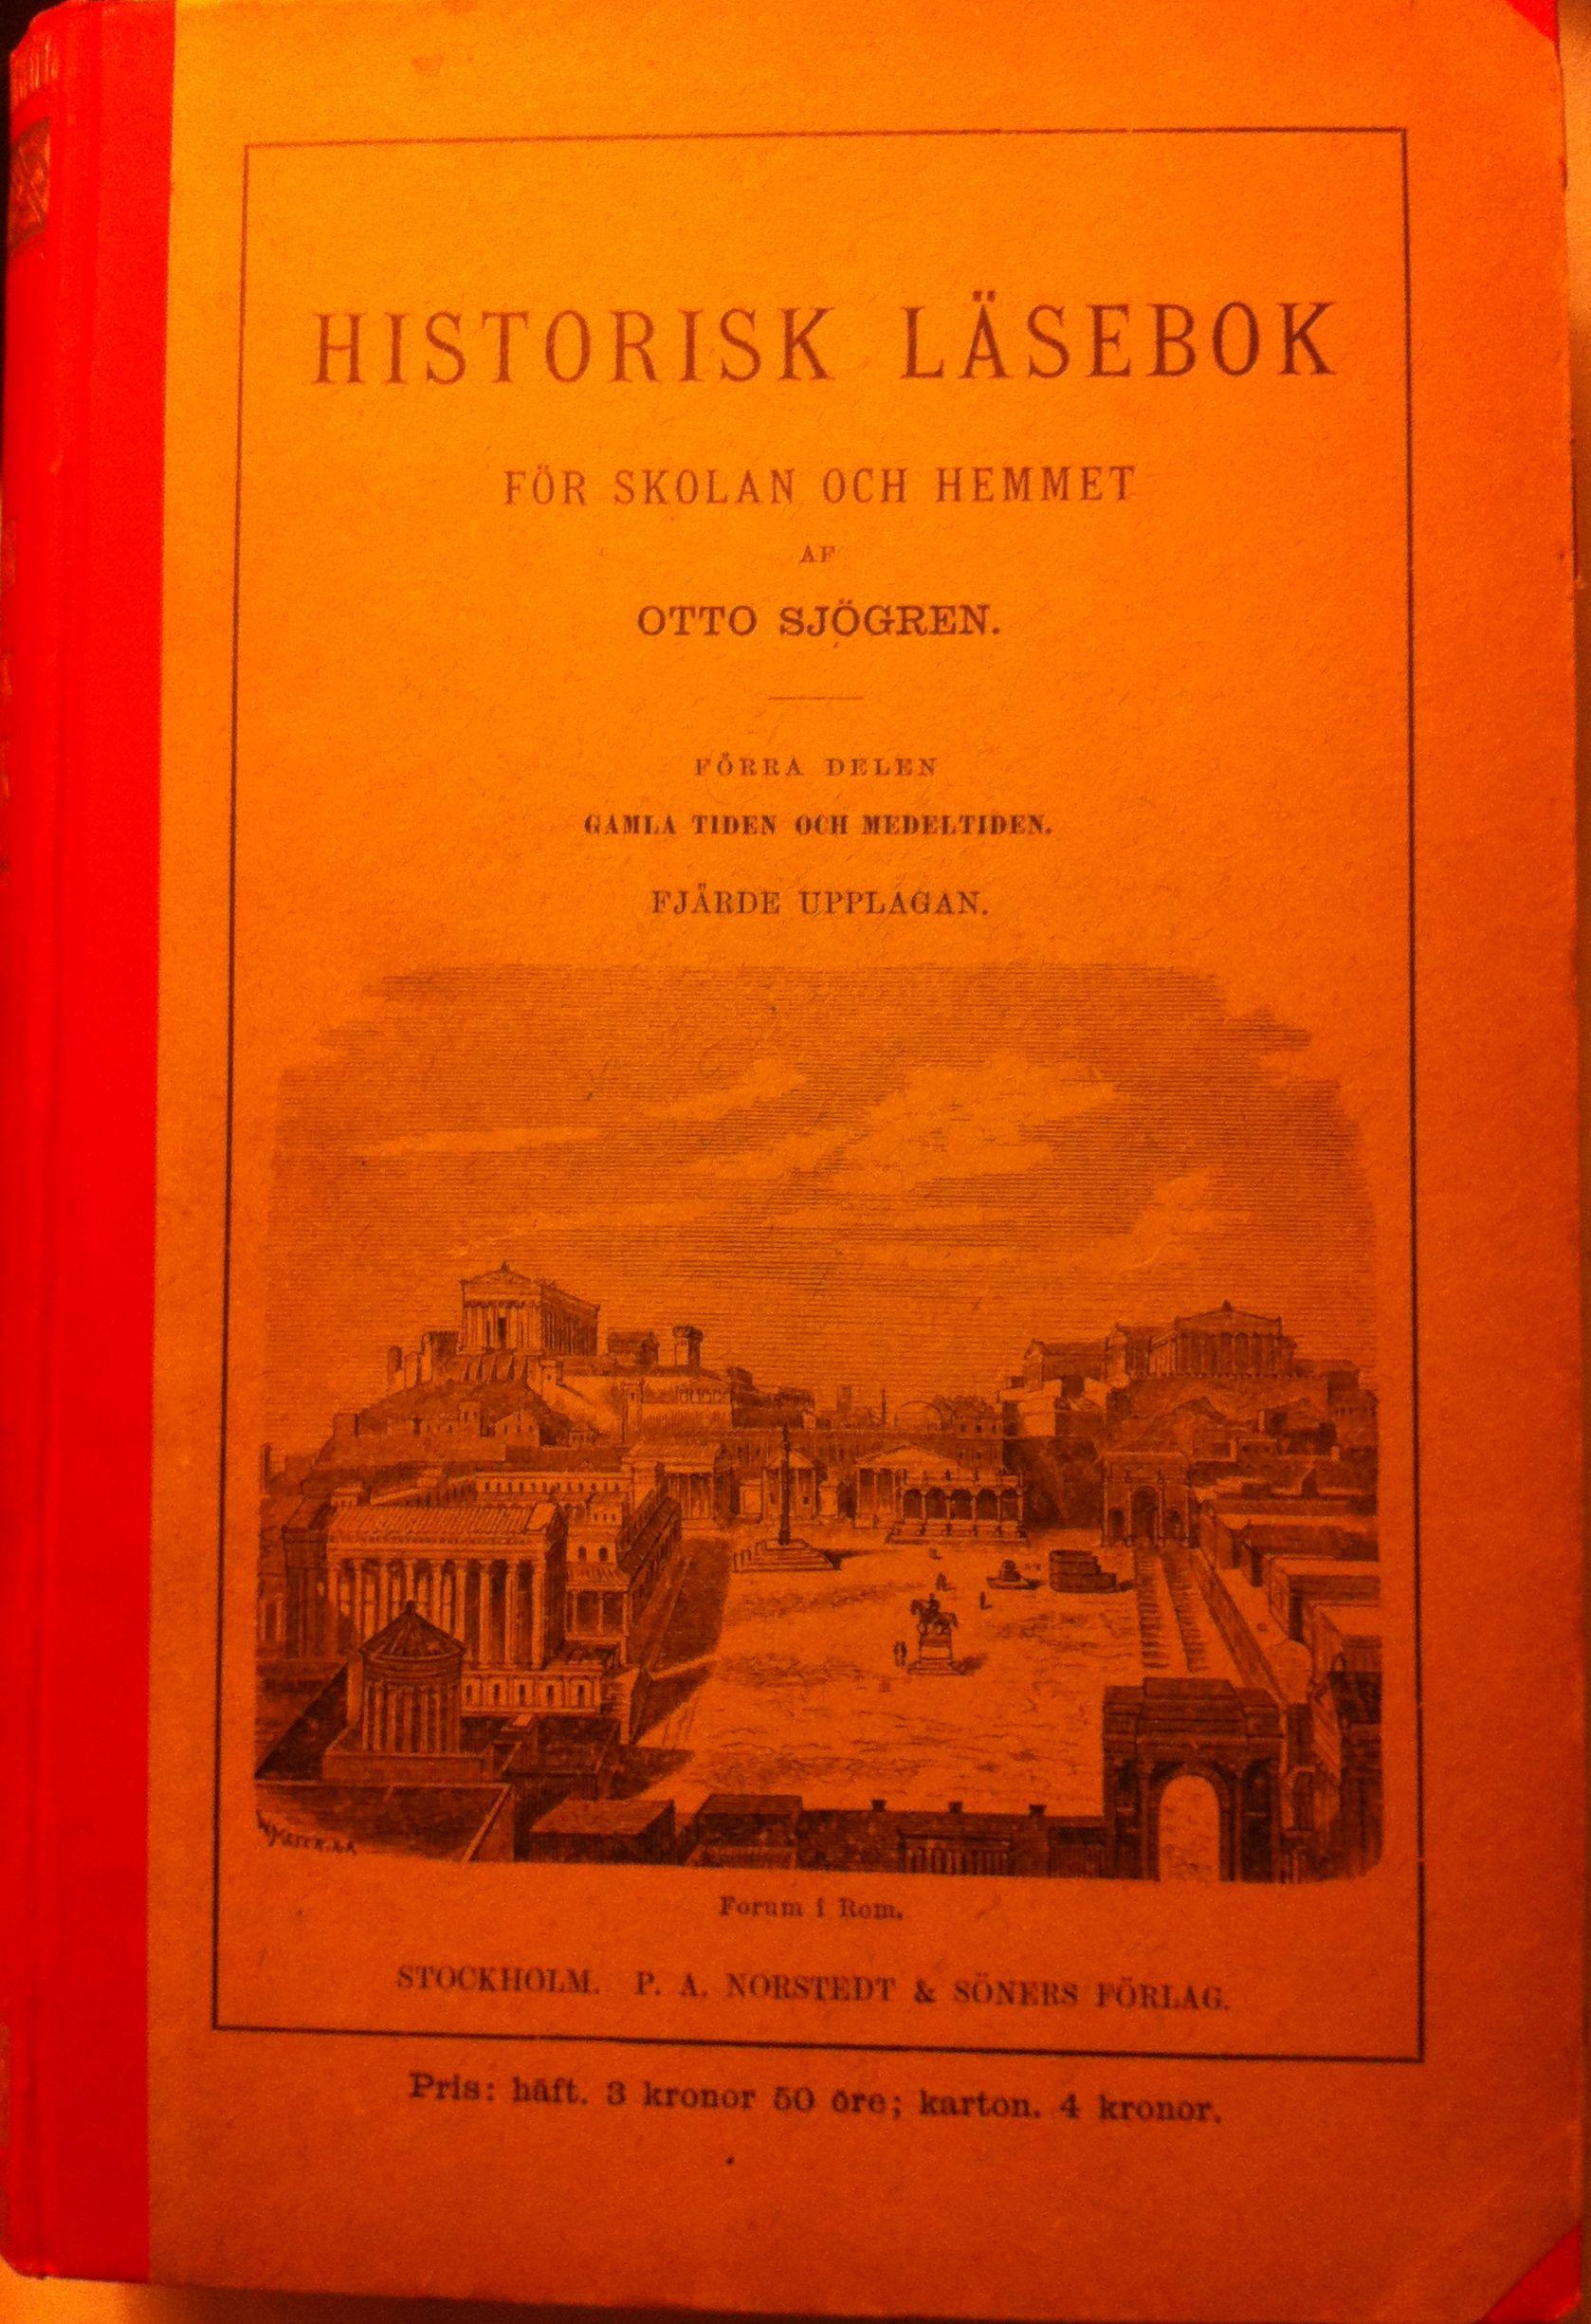 Historisk läsebok – god läsning från 1889